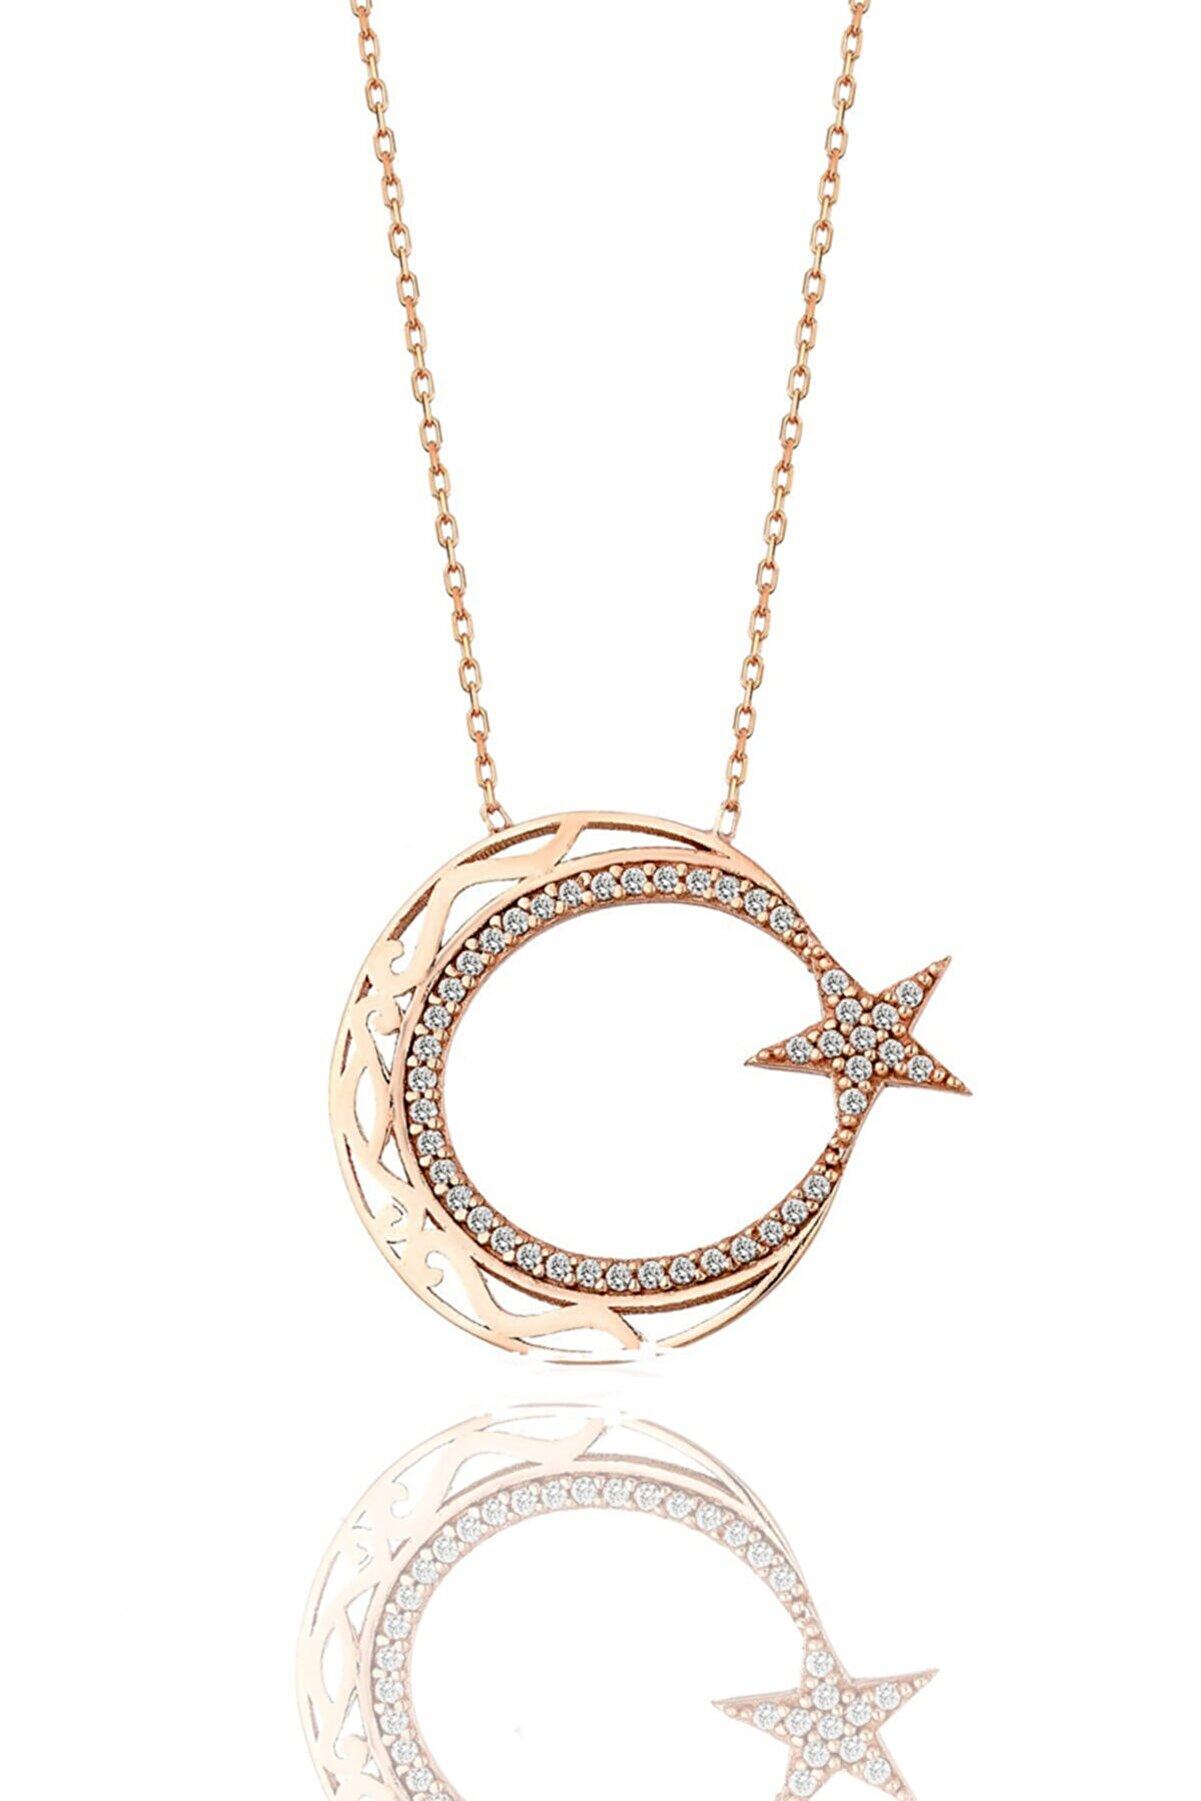 Söğütlü Silver Gümüş Rose Zirkon Taşlı Ayyıldız Modeli Rose Gümüş Kolye